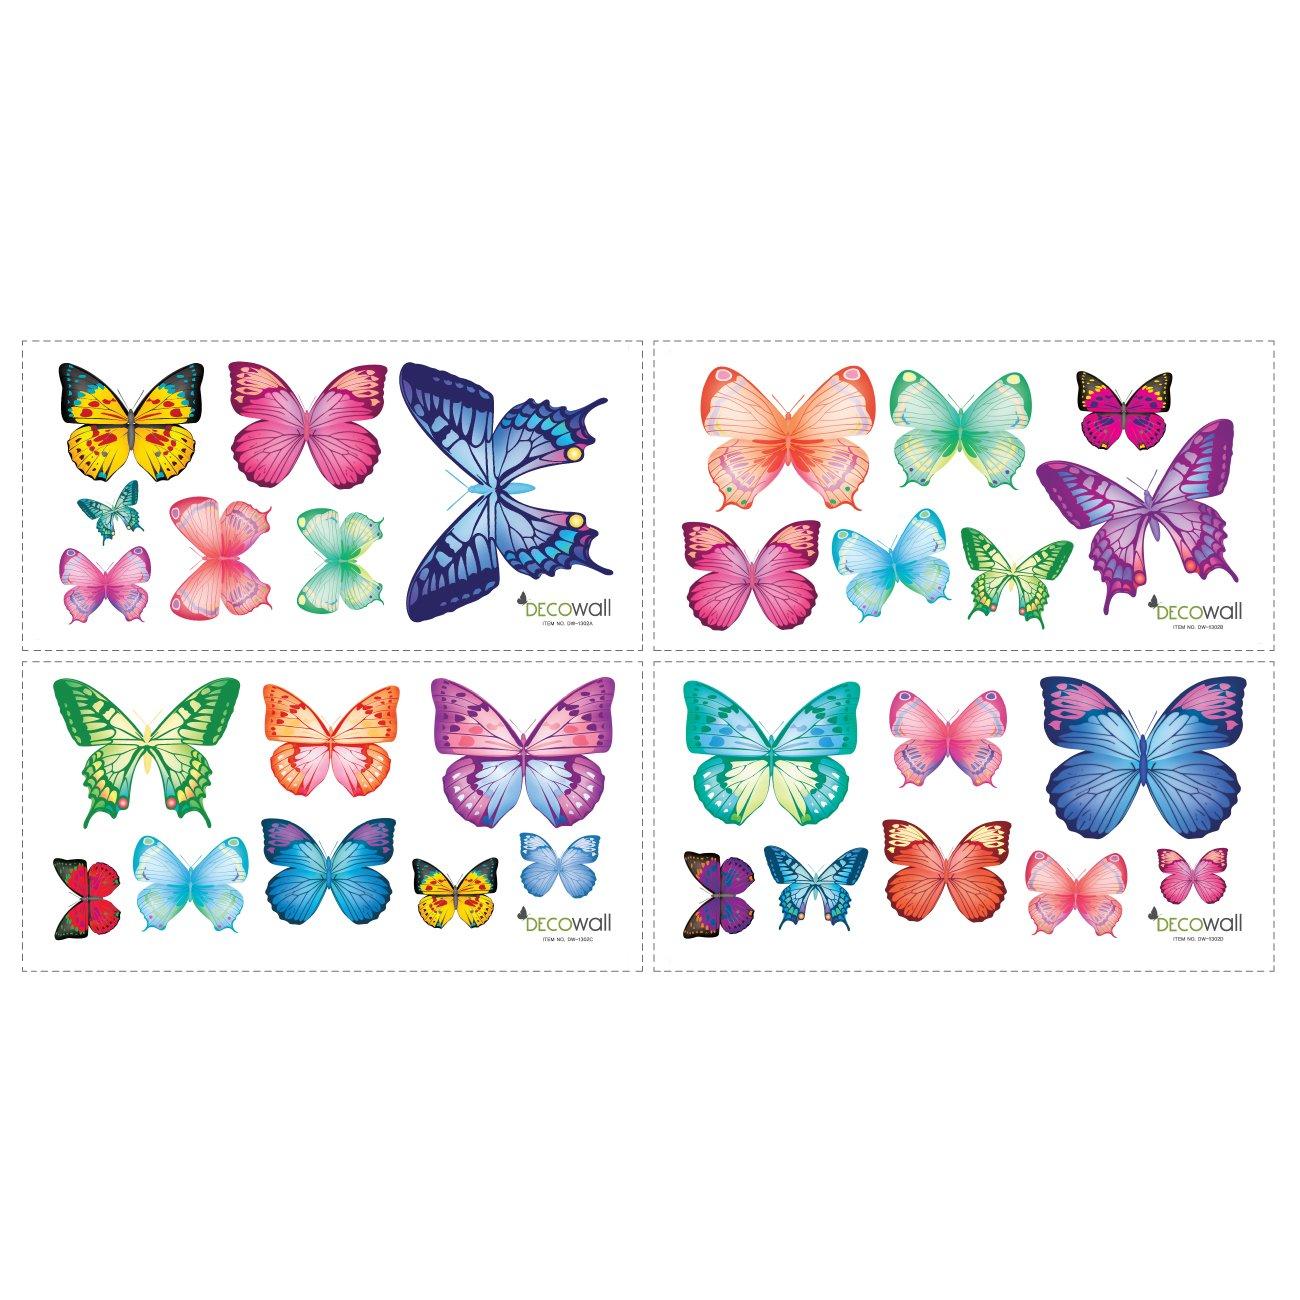 Decowall DW-1302 30 Leuchtende Schmetterlinge Tiere Wandtattoo Wandsticker Wandaufkleber Wanddeko f/ür Wohnzimmer Schlafzimmer Kinderzimmer